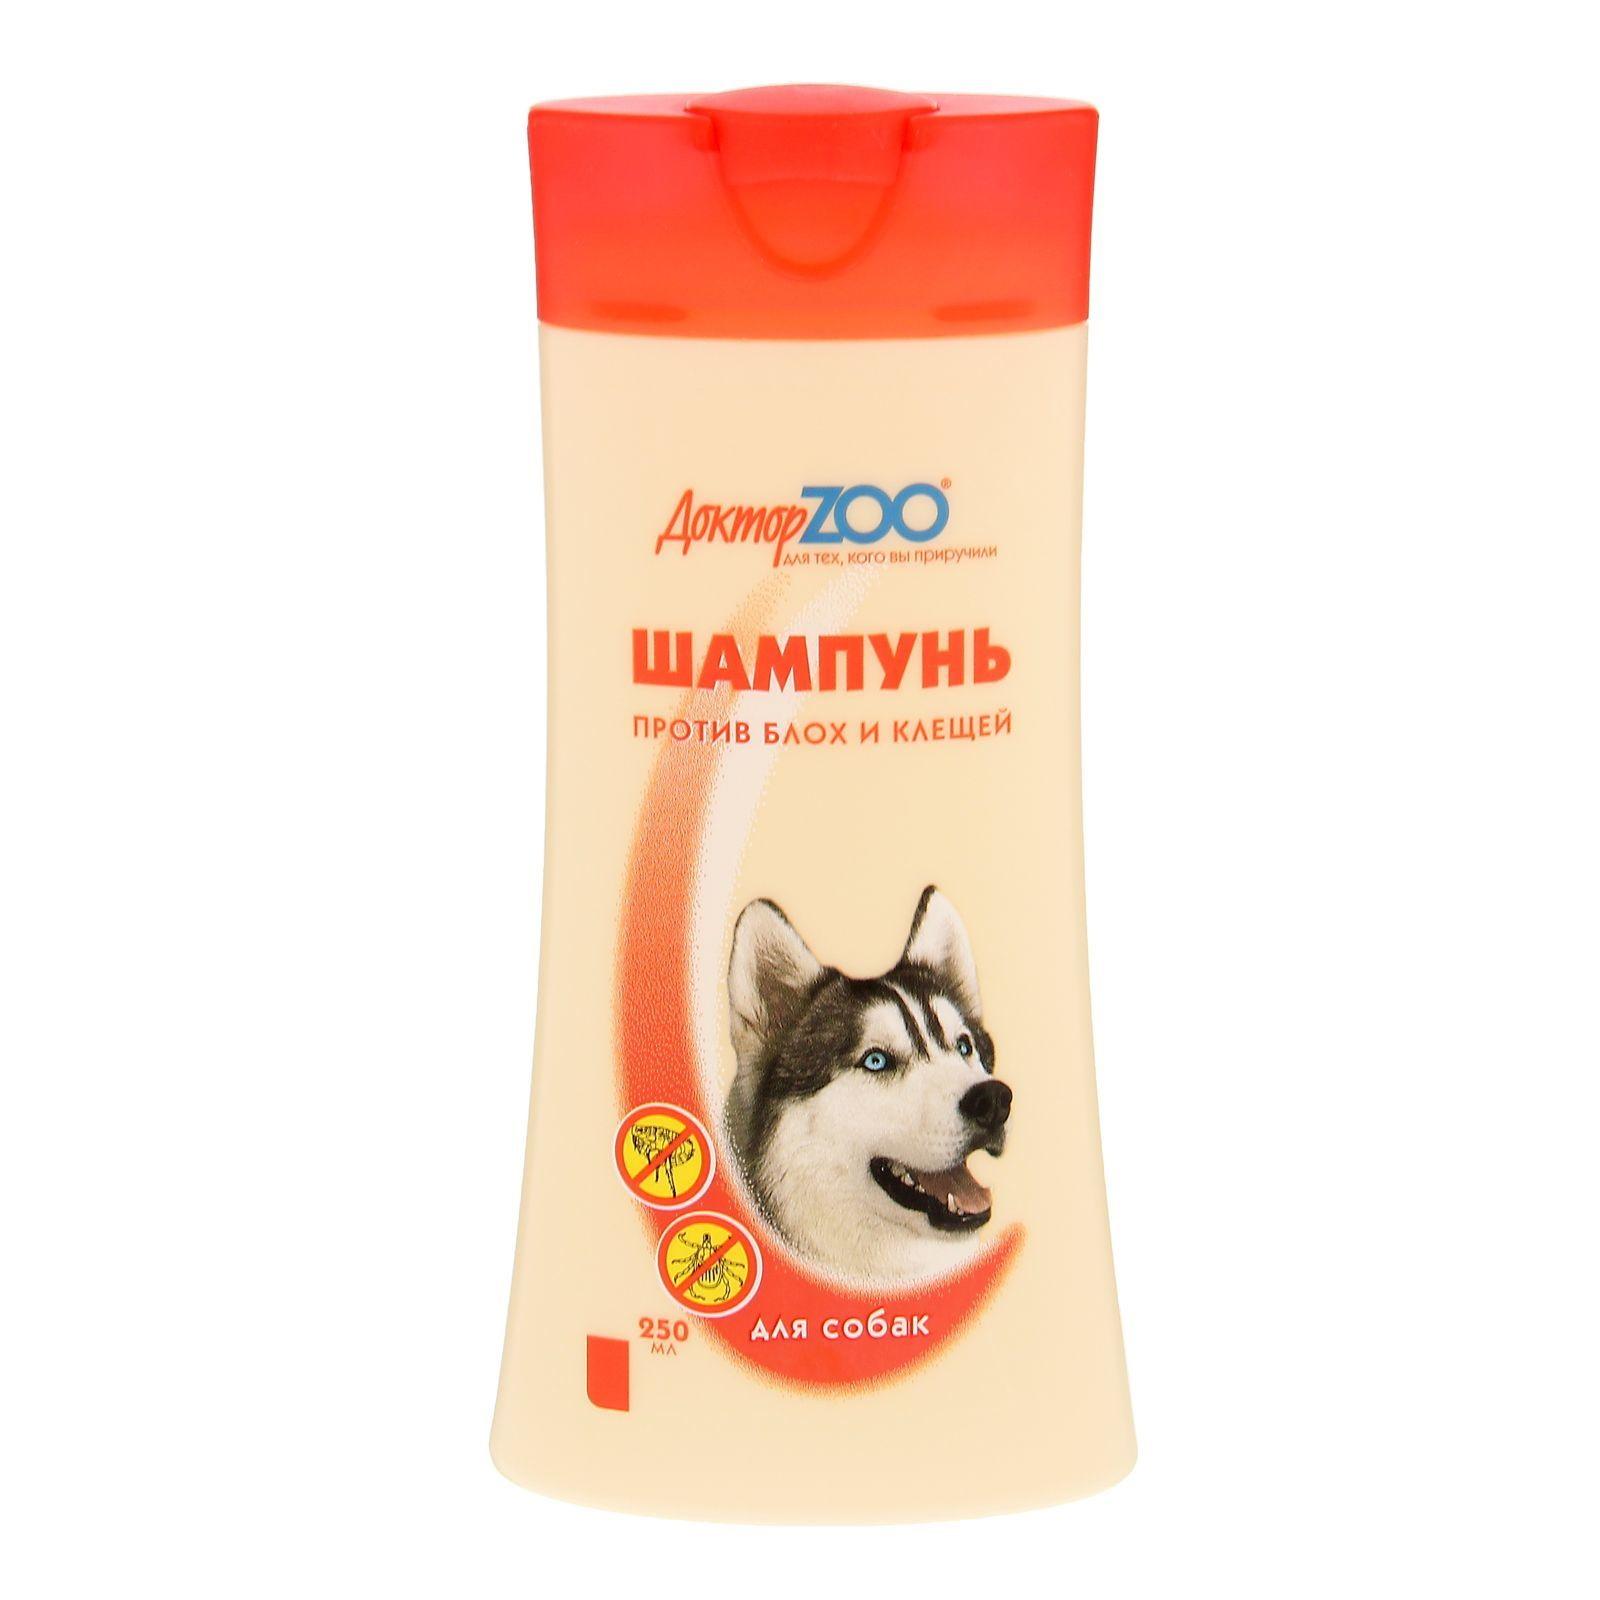 Шампунь антипаразитный для собак Доктор ZOO, 250мл